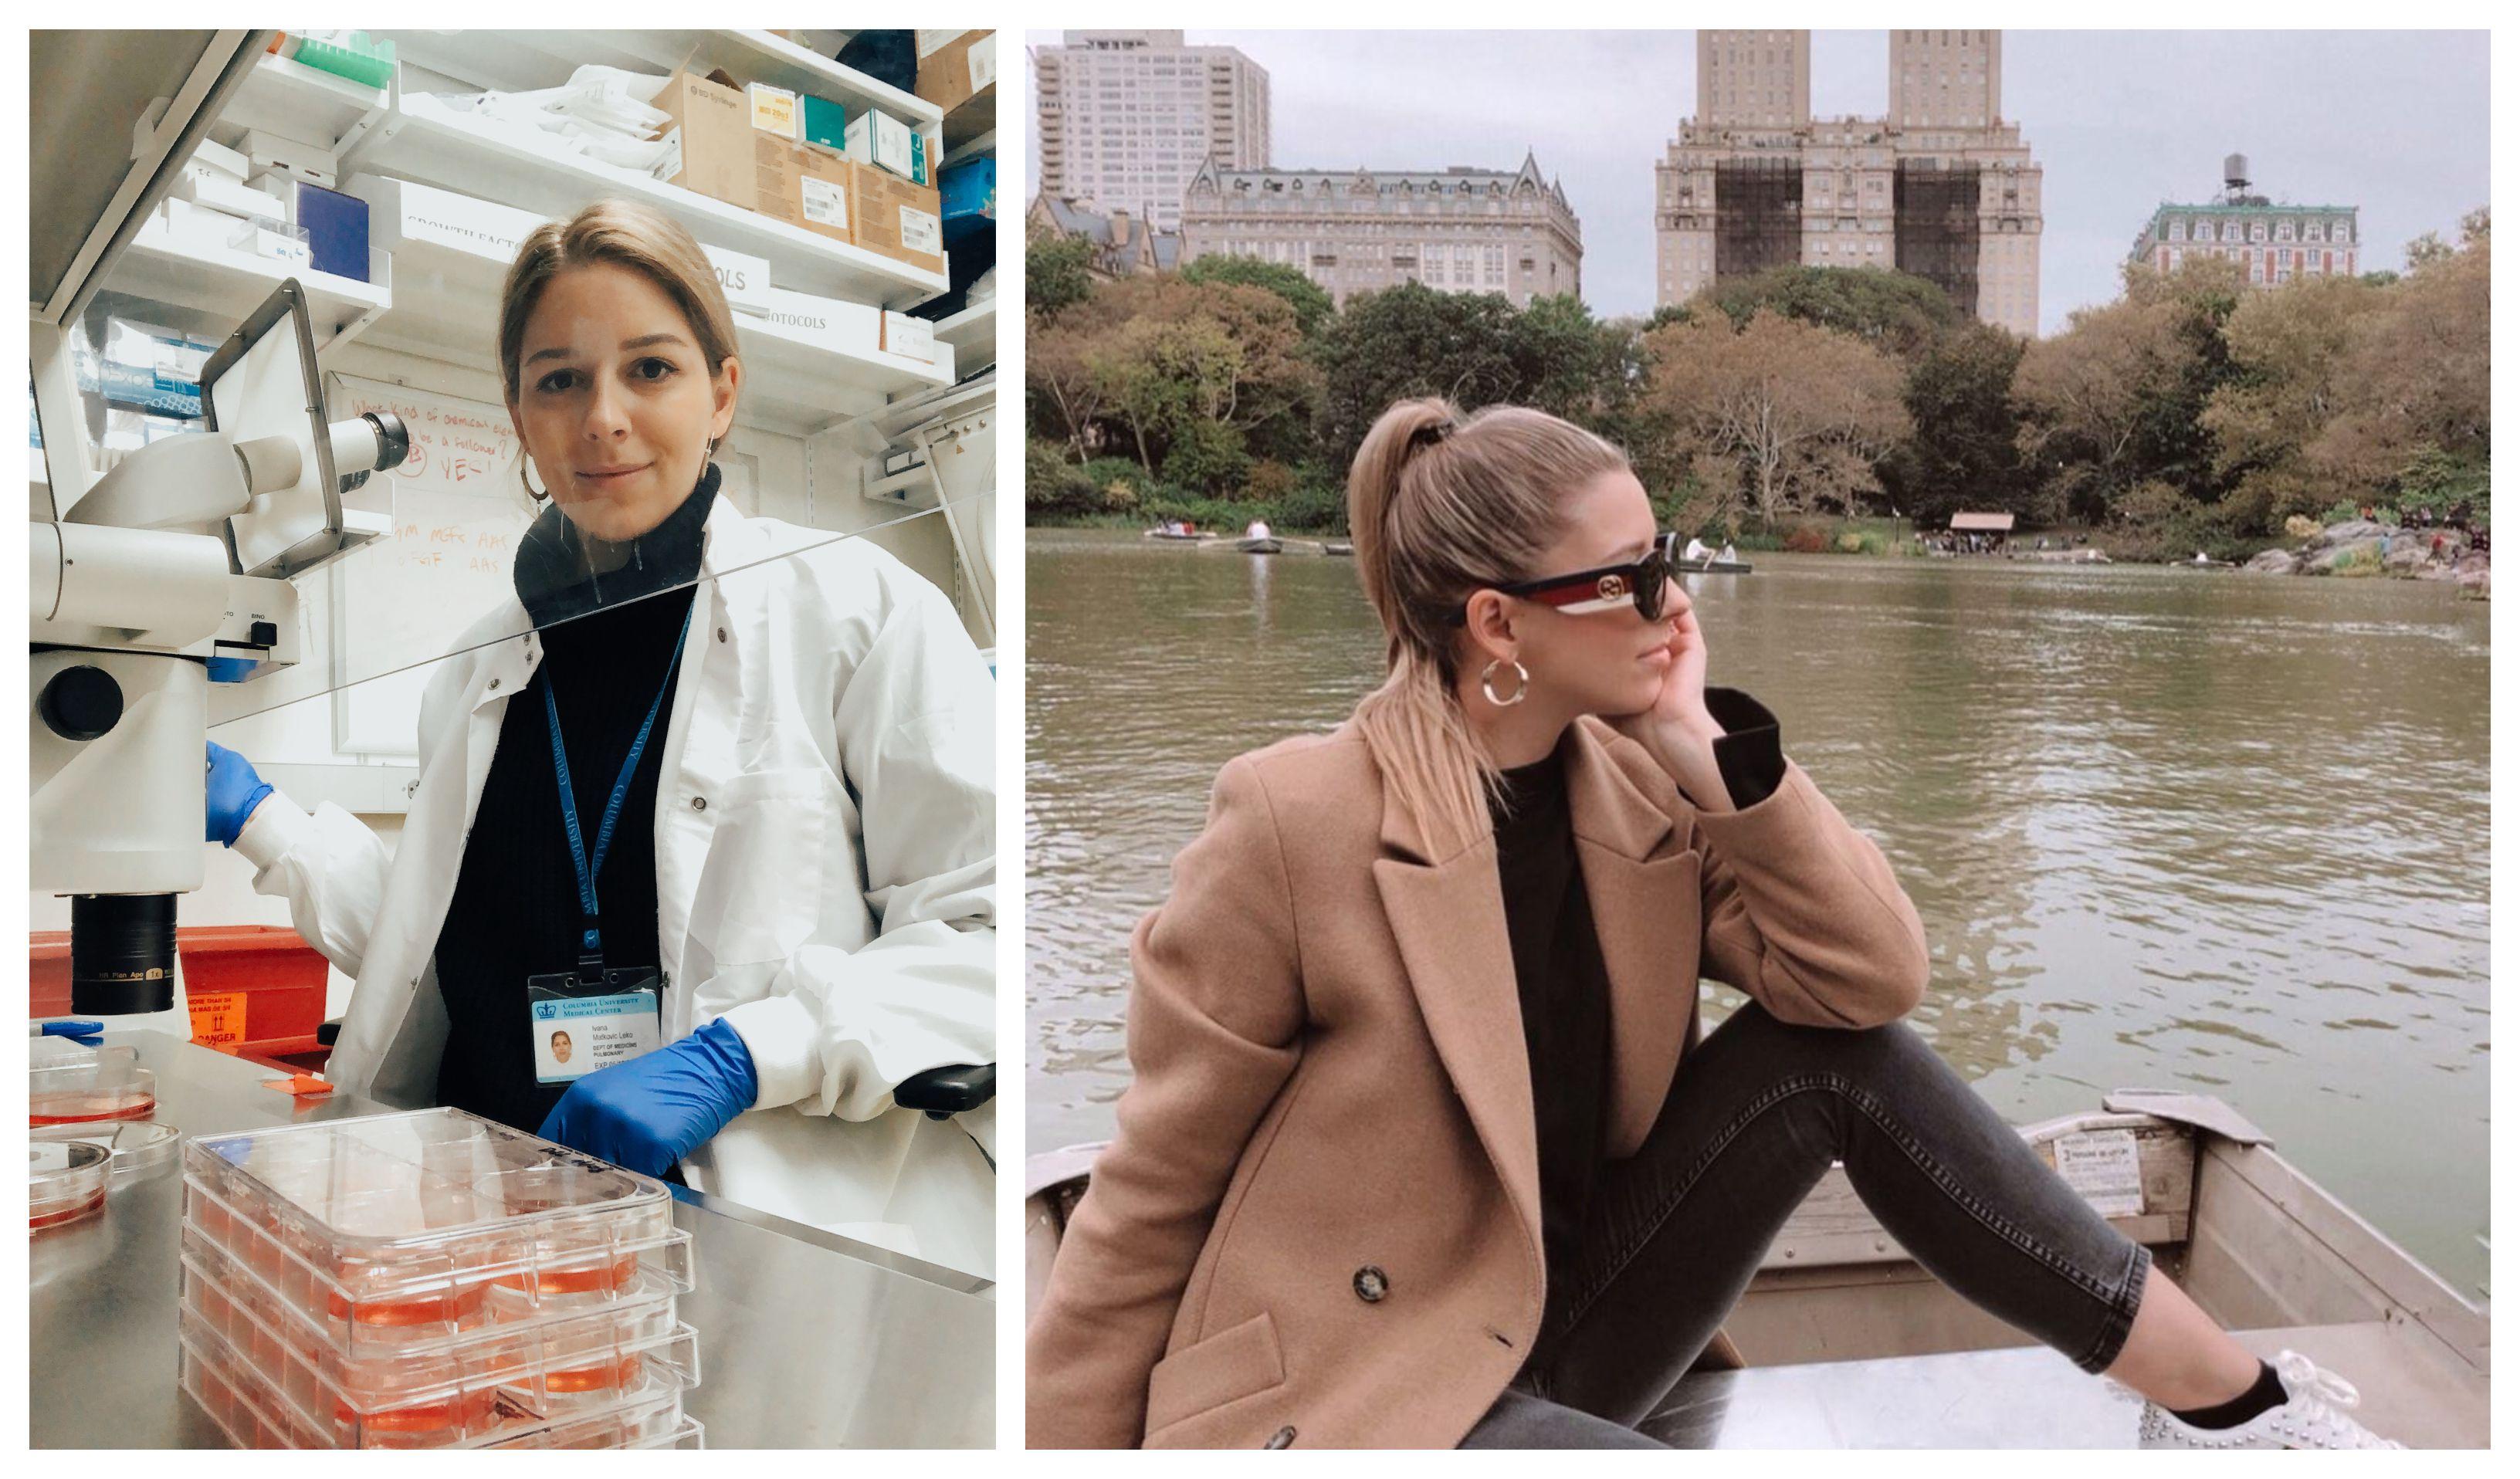 Slavonka Ivana znanstvenica je na njujorškoj Columbiji: 'Mnogo faktora i dalje blokira napredak žena u STEM-u'